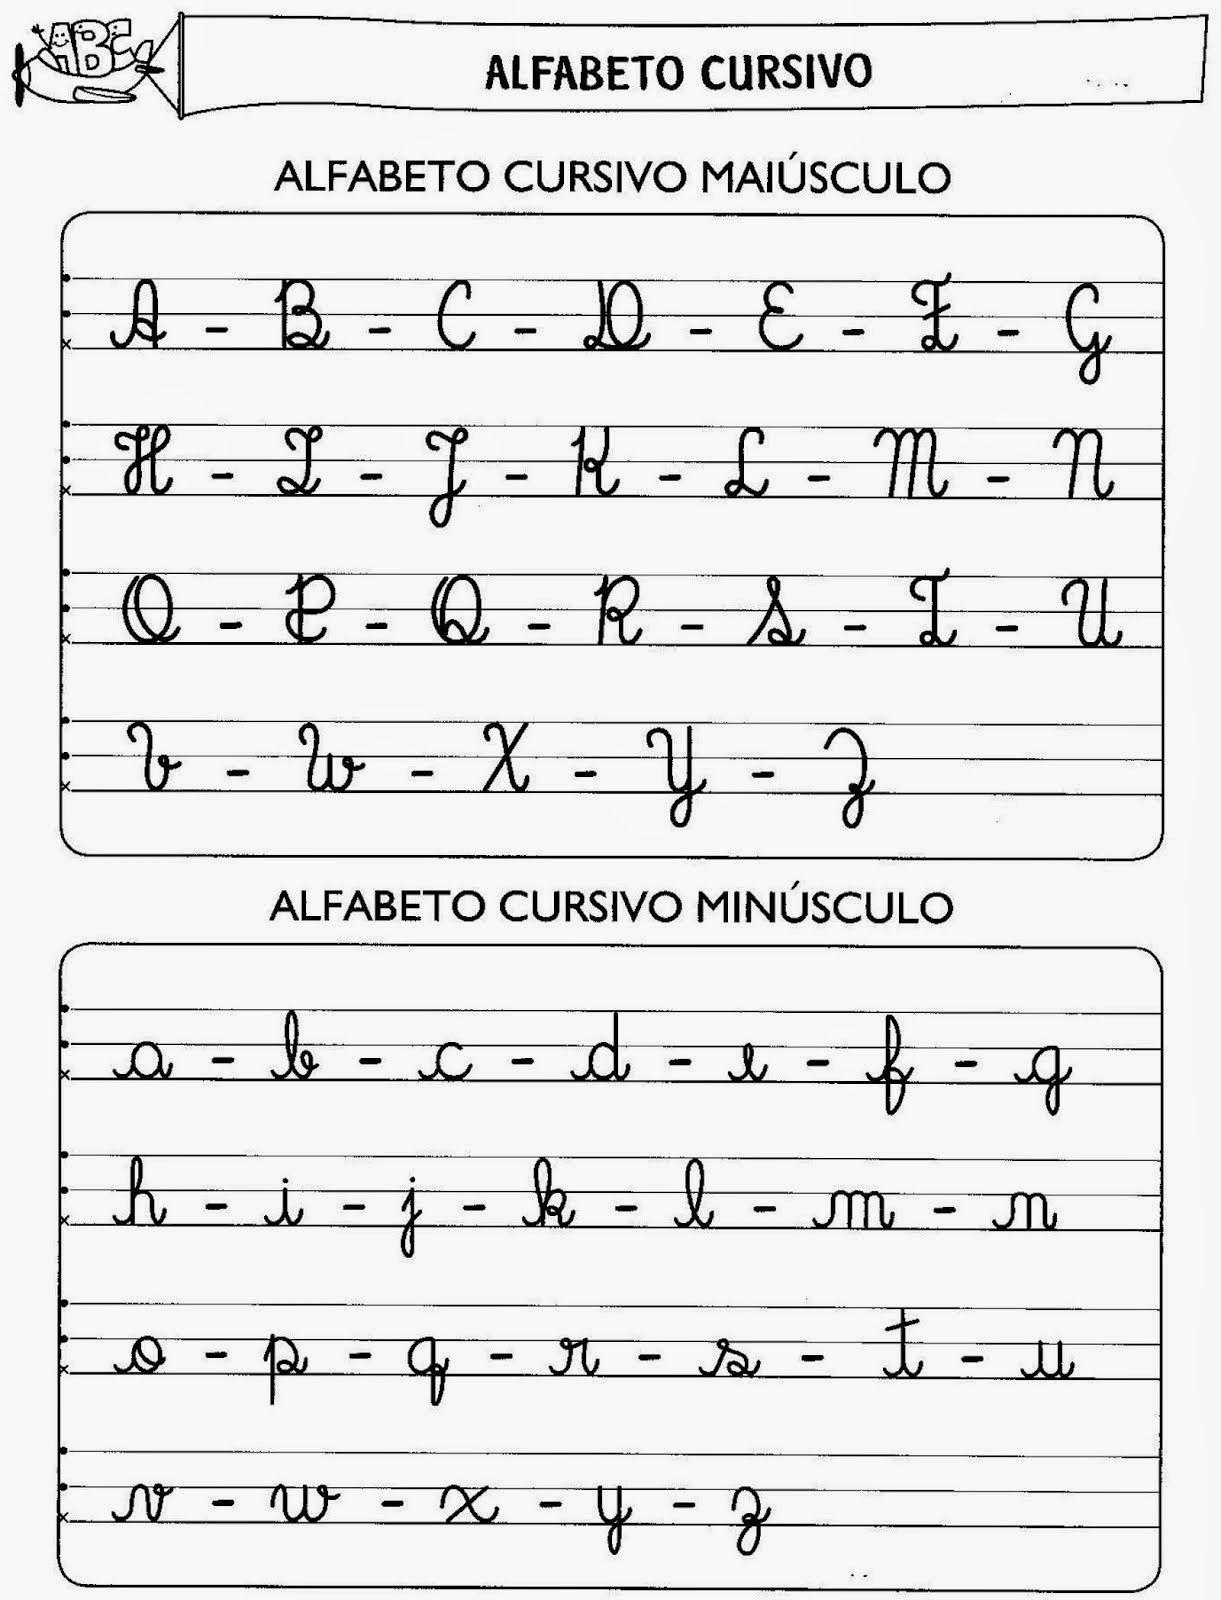 Alfabeto Cursivo Maiusculo E Minusculo Para Imprimir Alfabeto